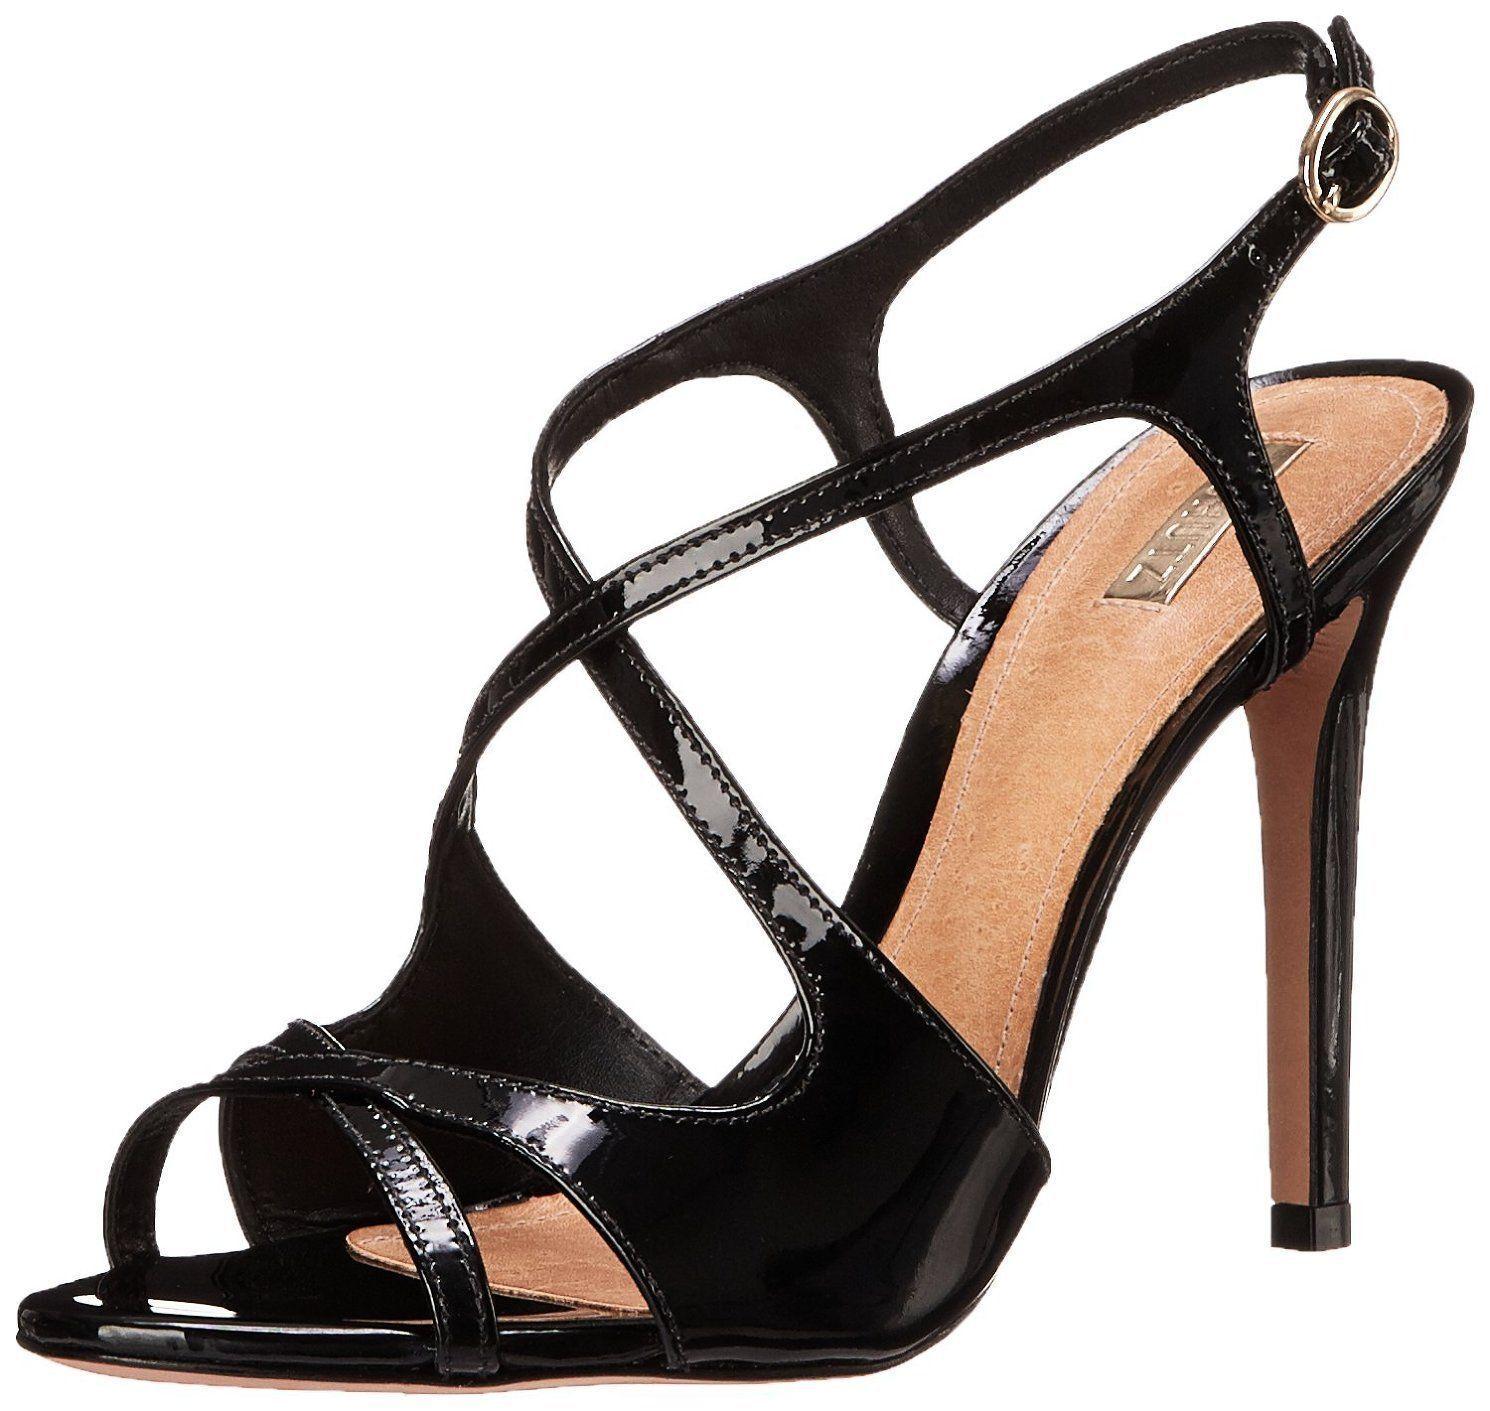 Vestido para mujer esadora Schutz Sandalia-Negro - 7.5 - Nuevo En Caja